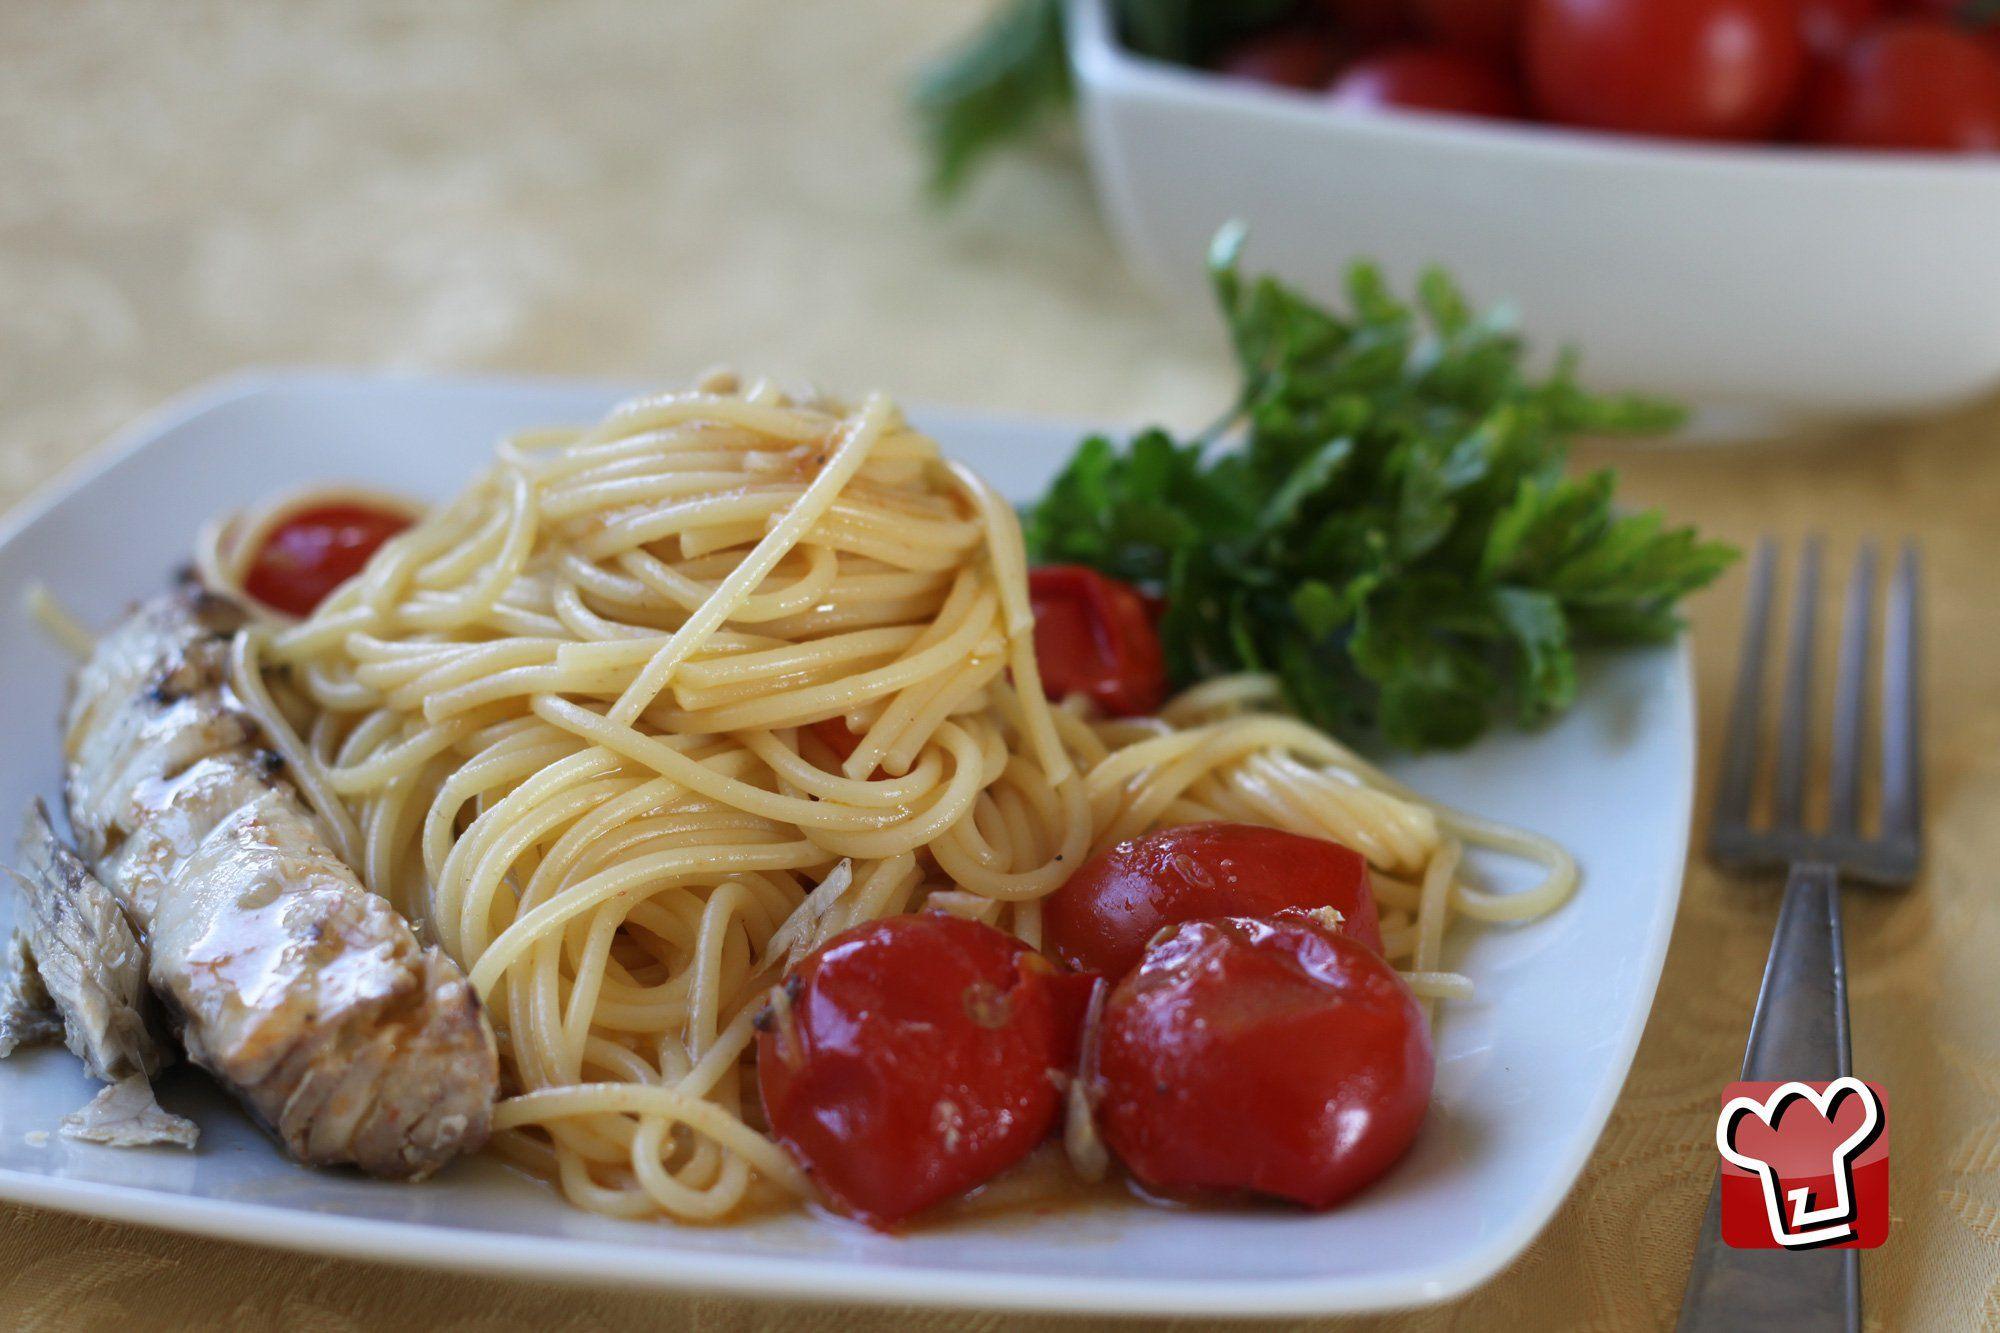 e9d86e406758c5c0d732194bb32bb67c - Ricette Spaghettini